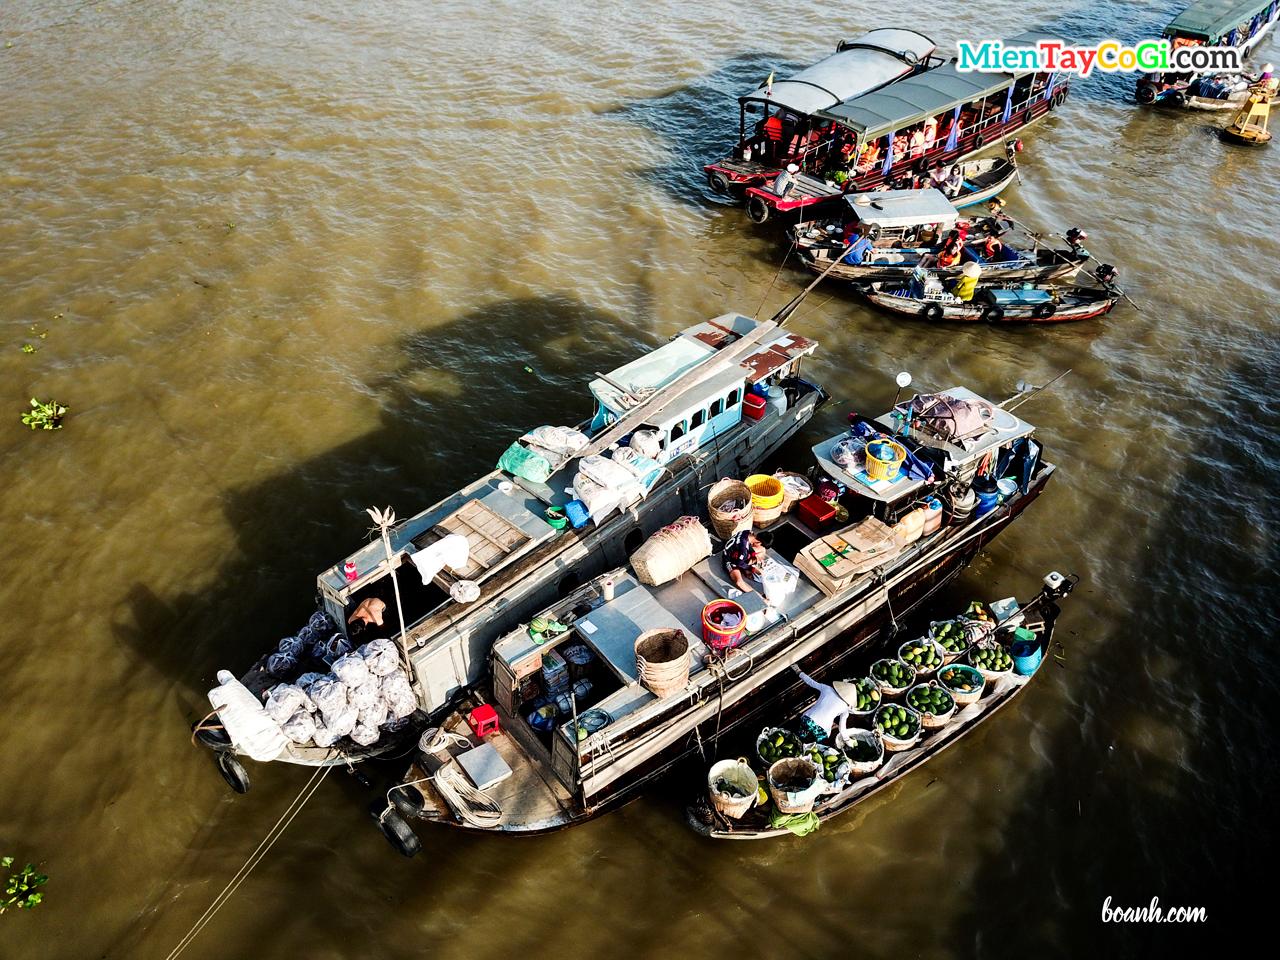 Khung cảnh ghe thuyền ở chợ nổi vào buổi sáng